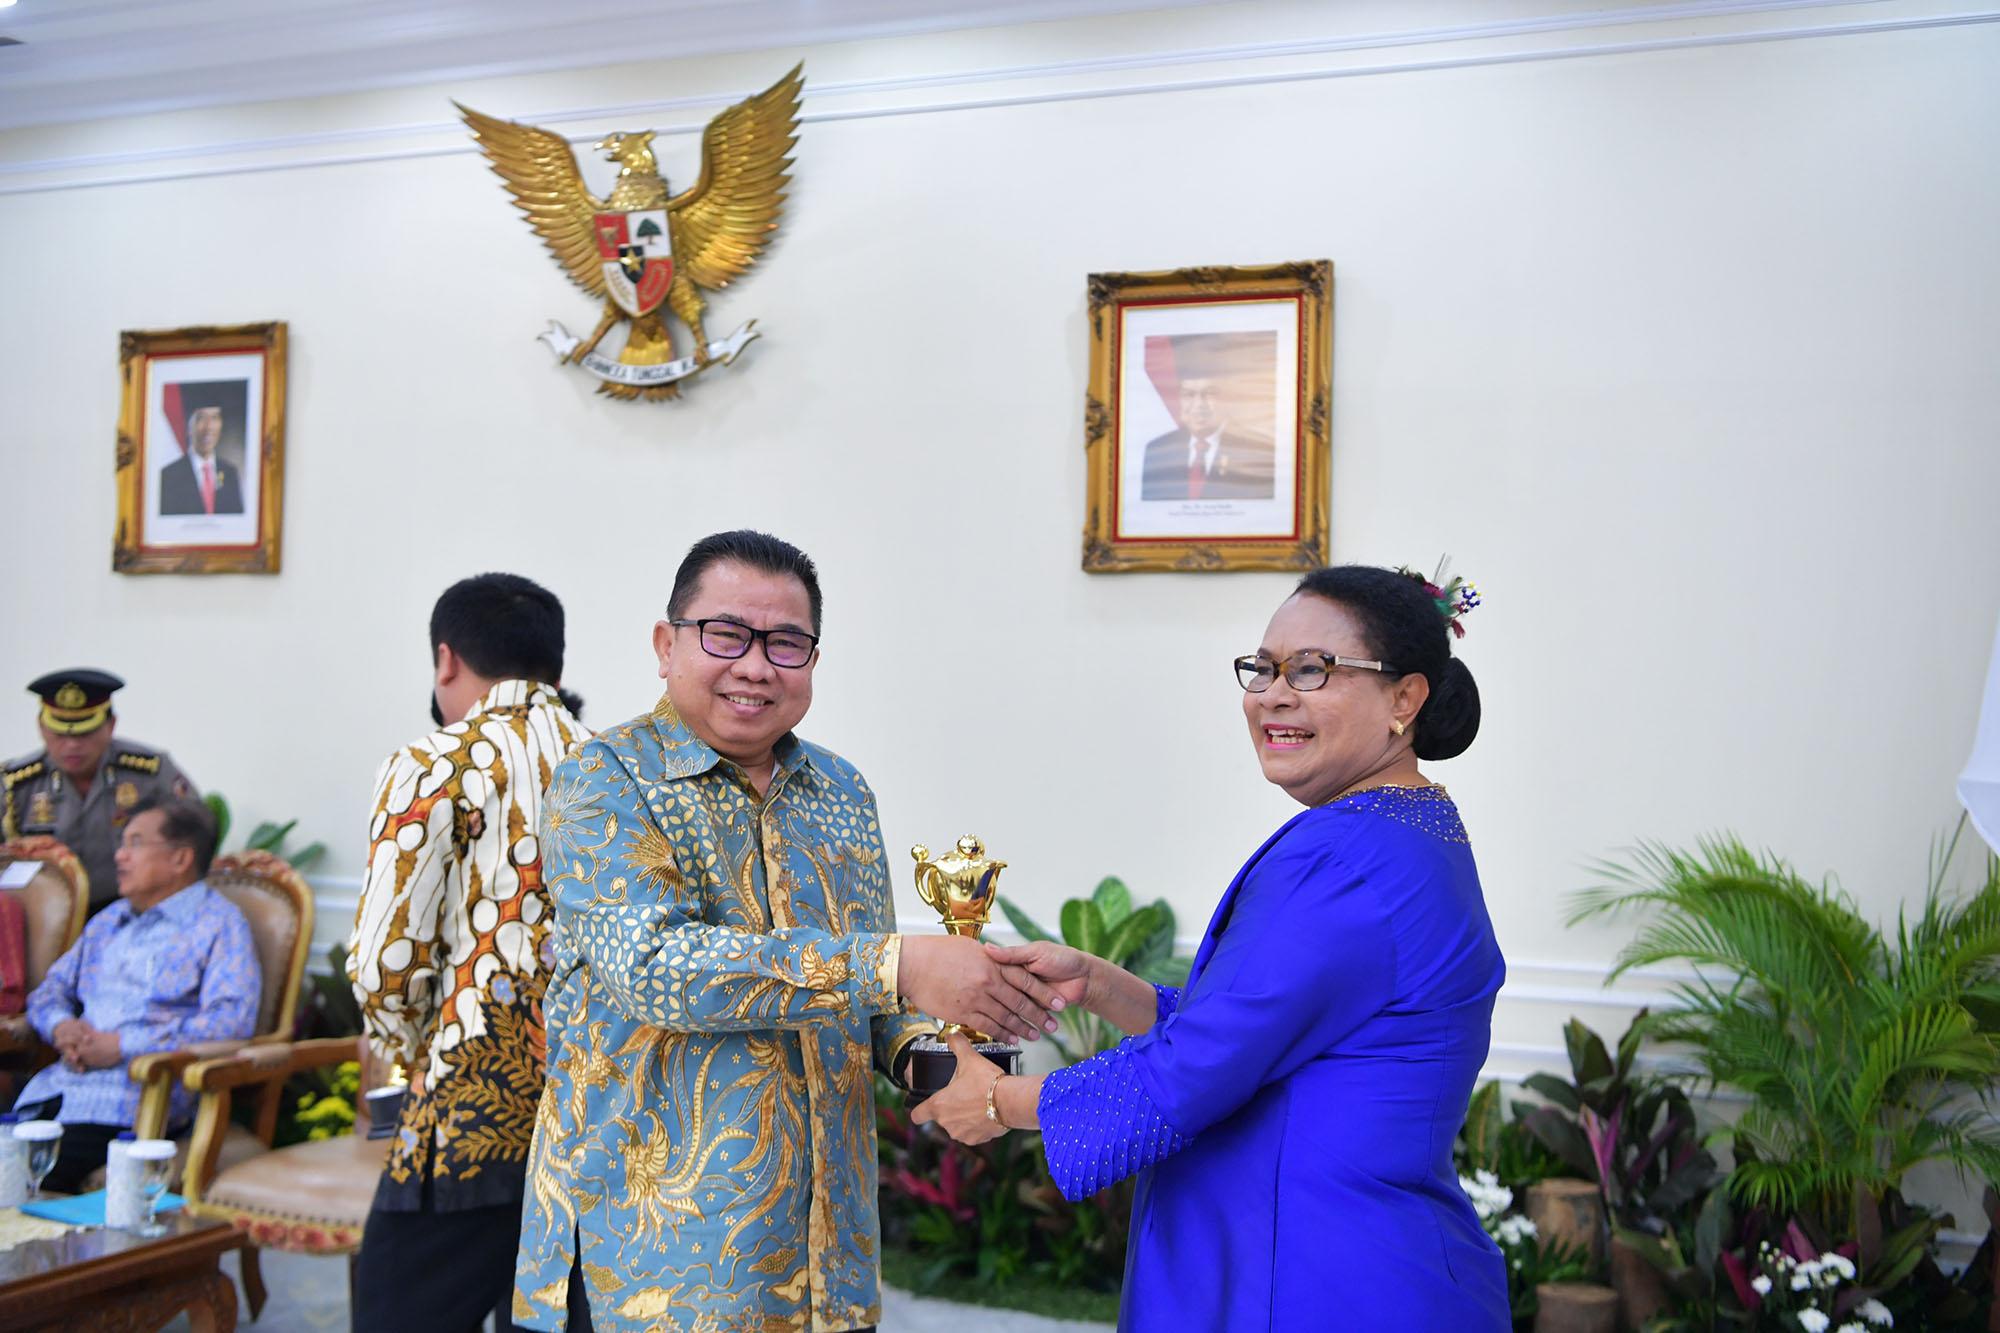 Pemprov dan Tujuh Kota/Kabupaten di Banten Raih Penghargaan Anugerah Parahita Ekapraya